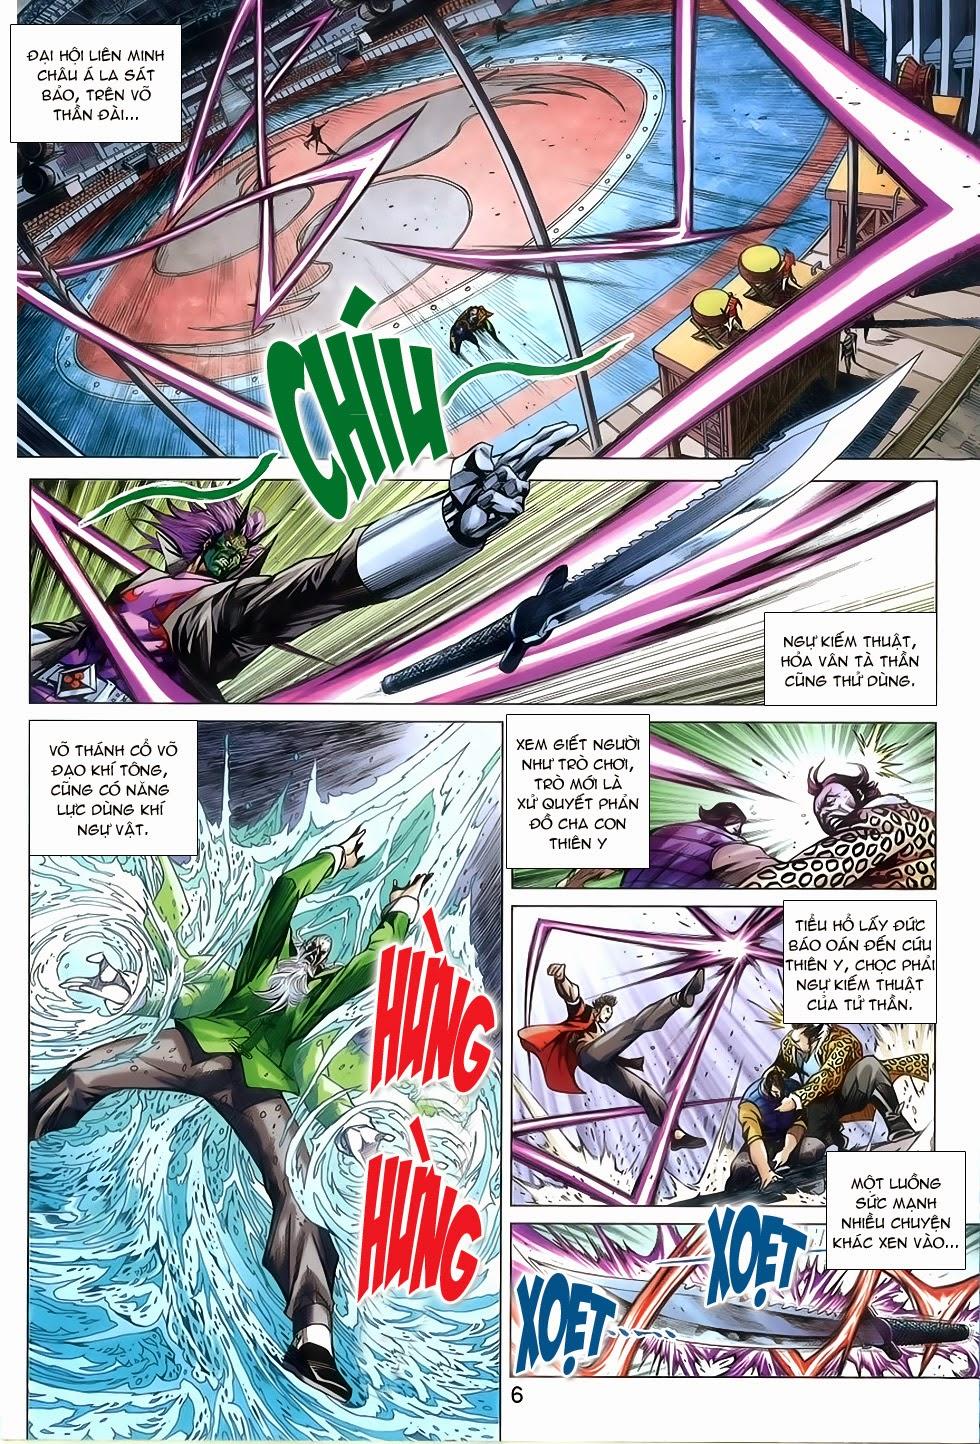 Tân Tác Long Hổ Môn trang 7